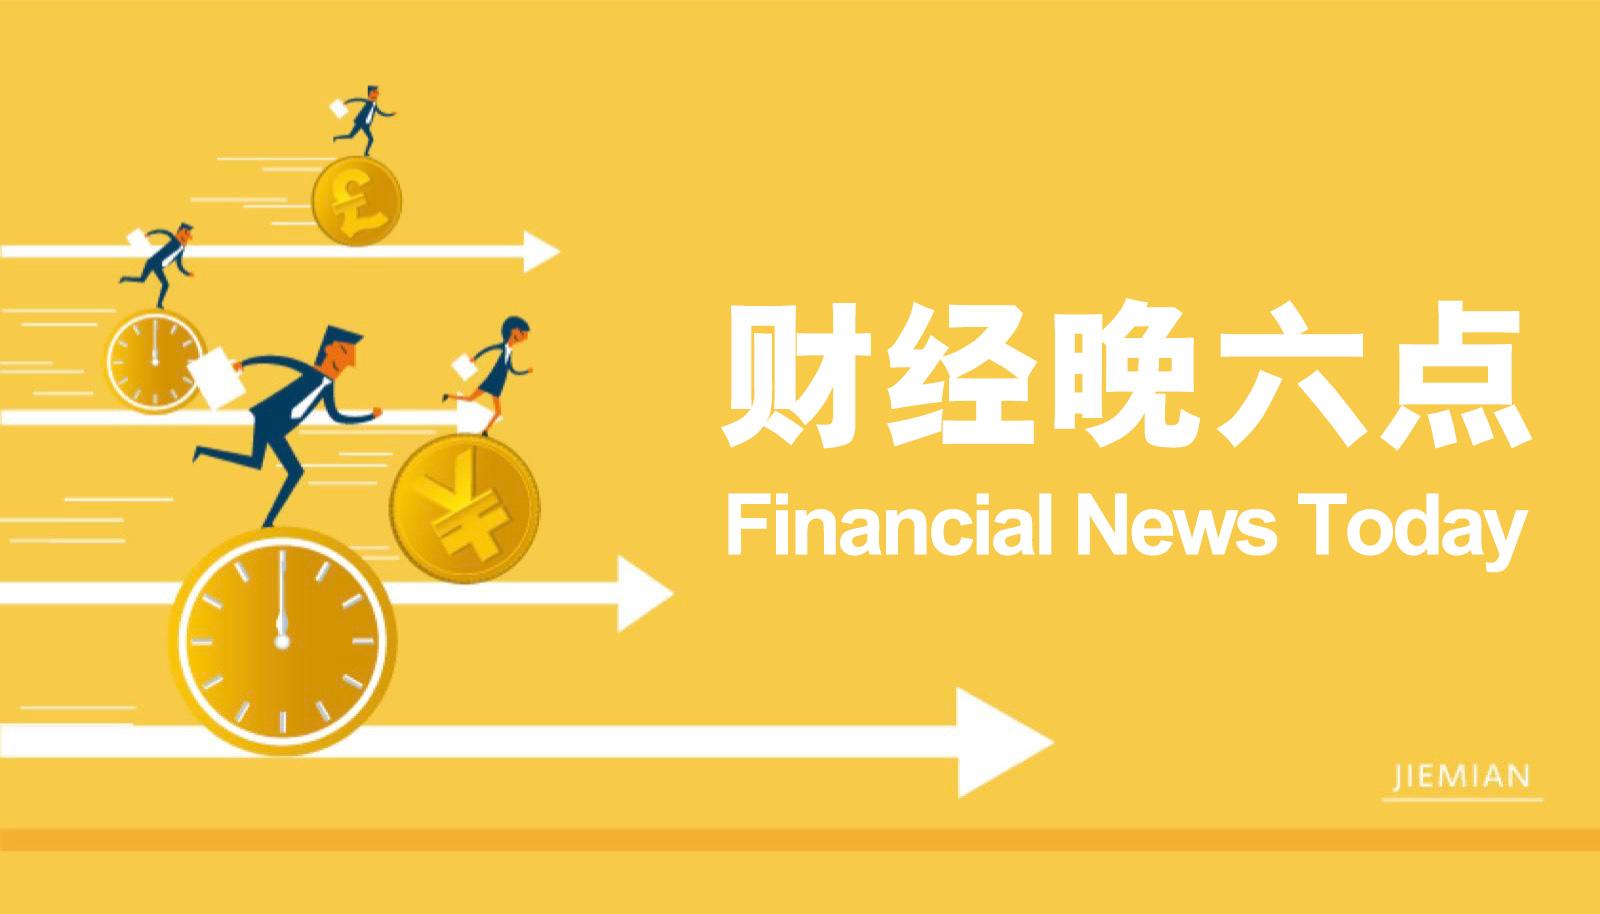 摩登5官网报告称恒大流动性趋于枯竭 中国6G专利申请量全球第一 | 财经晚6点